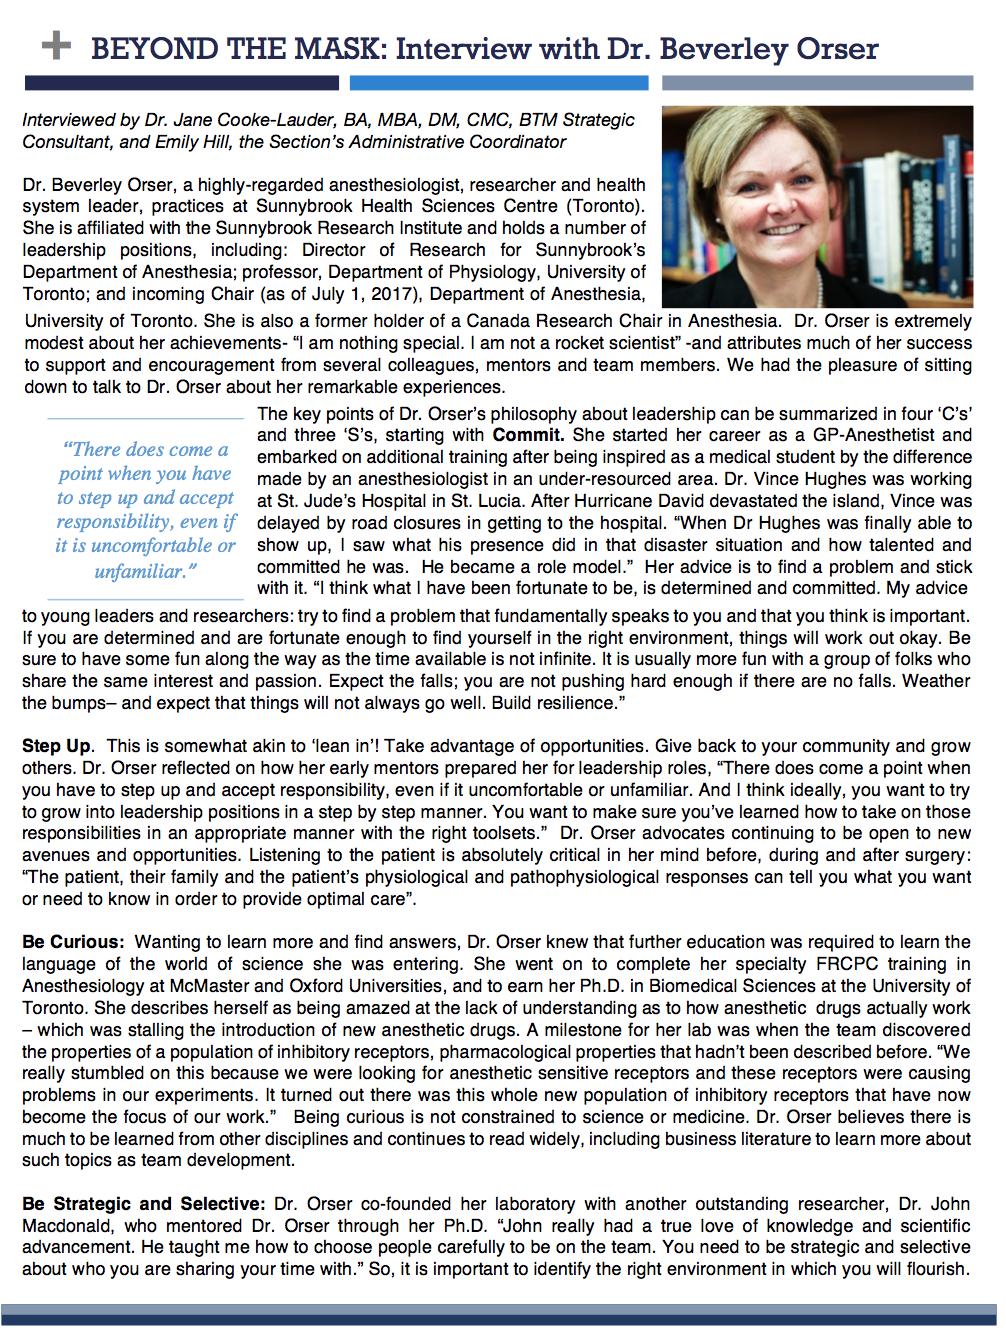 Dr. Beverley Orser - Spring 2017 Interview